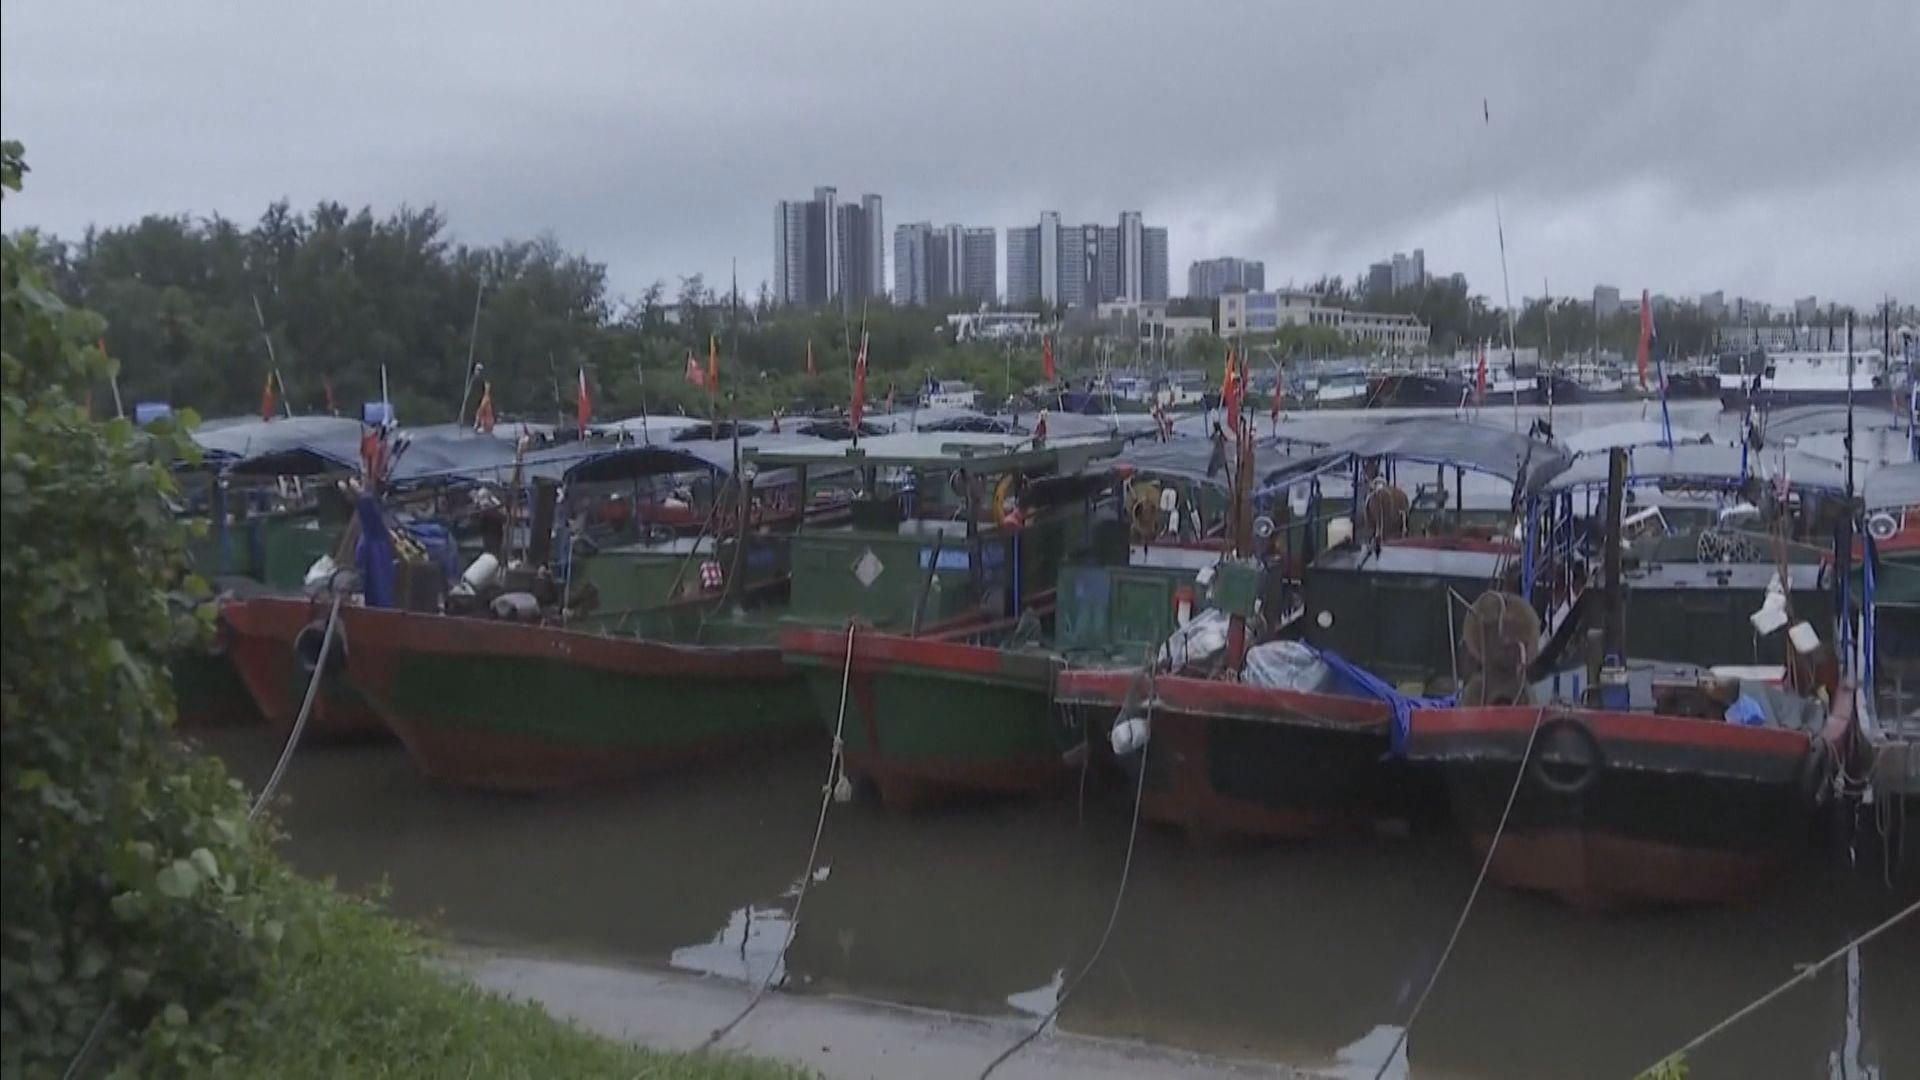 獅子山登陸海南省 多處出現狂風暴雨